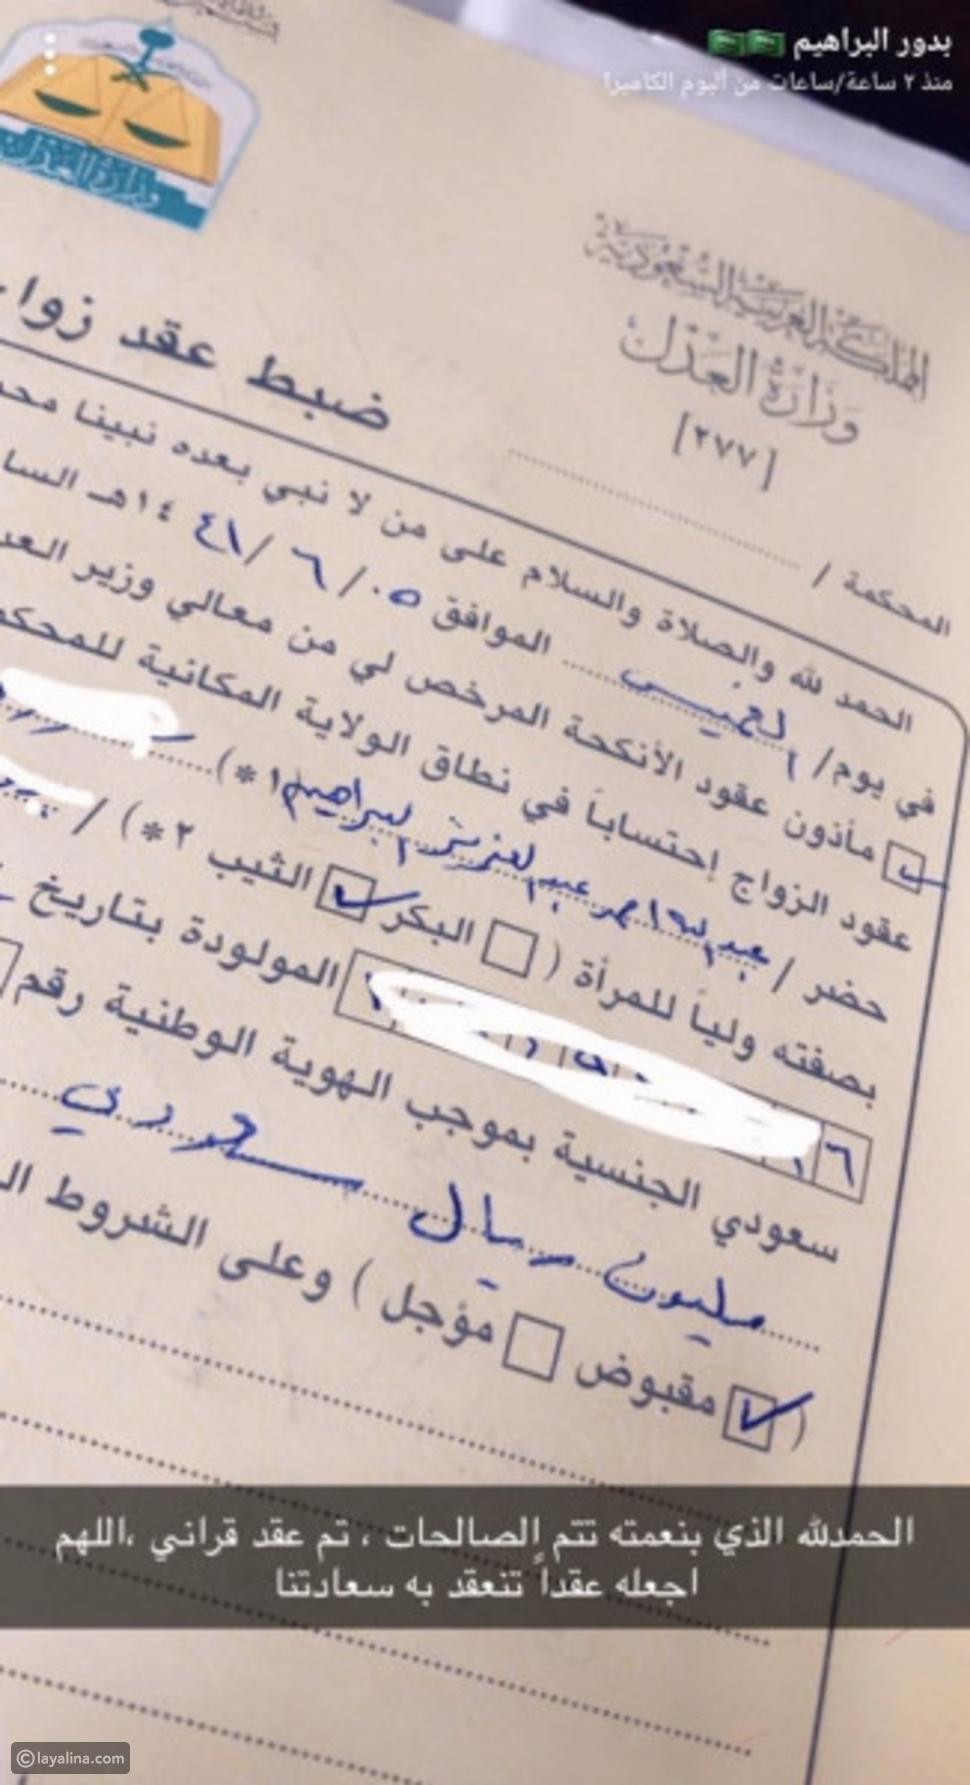 زواج السعودية بدور البراهيم بمهر مليون ريال